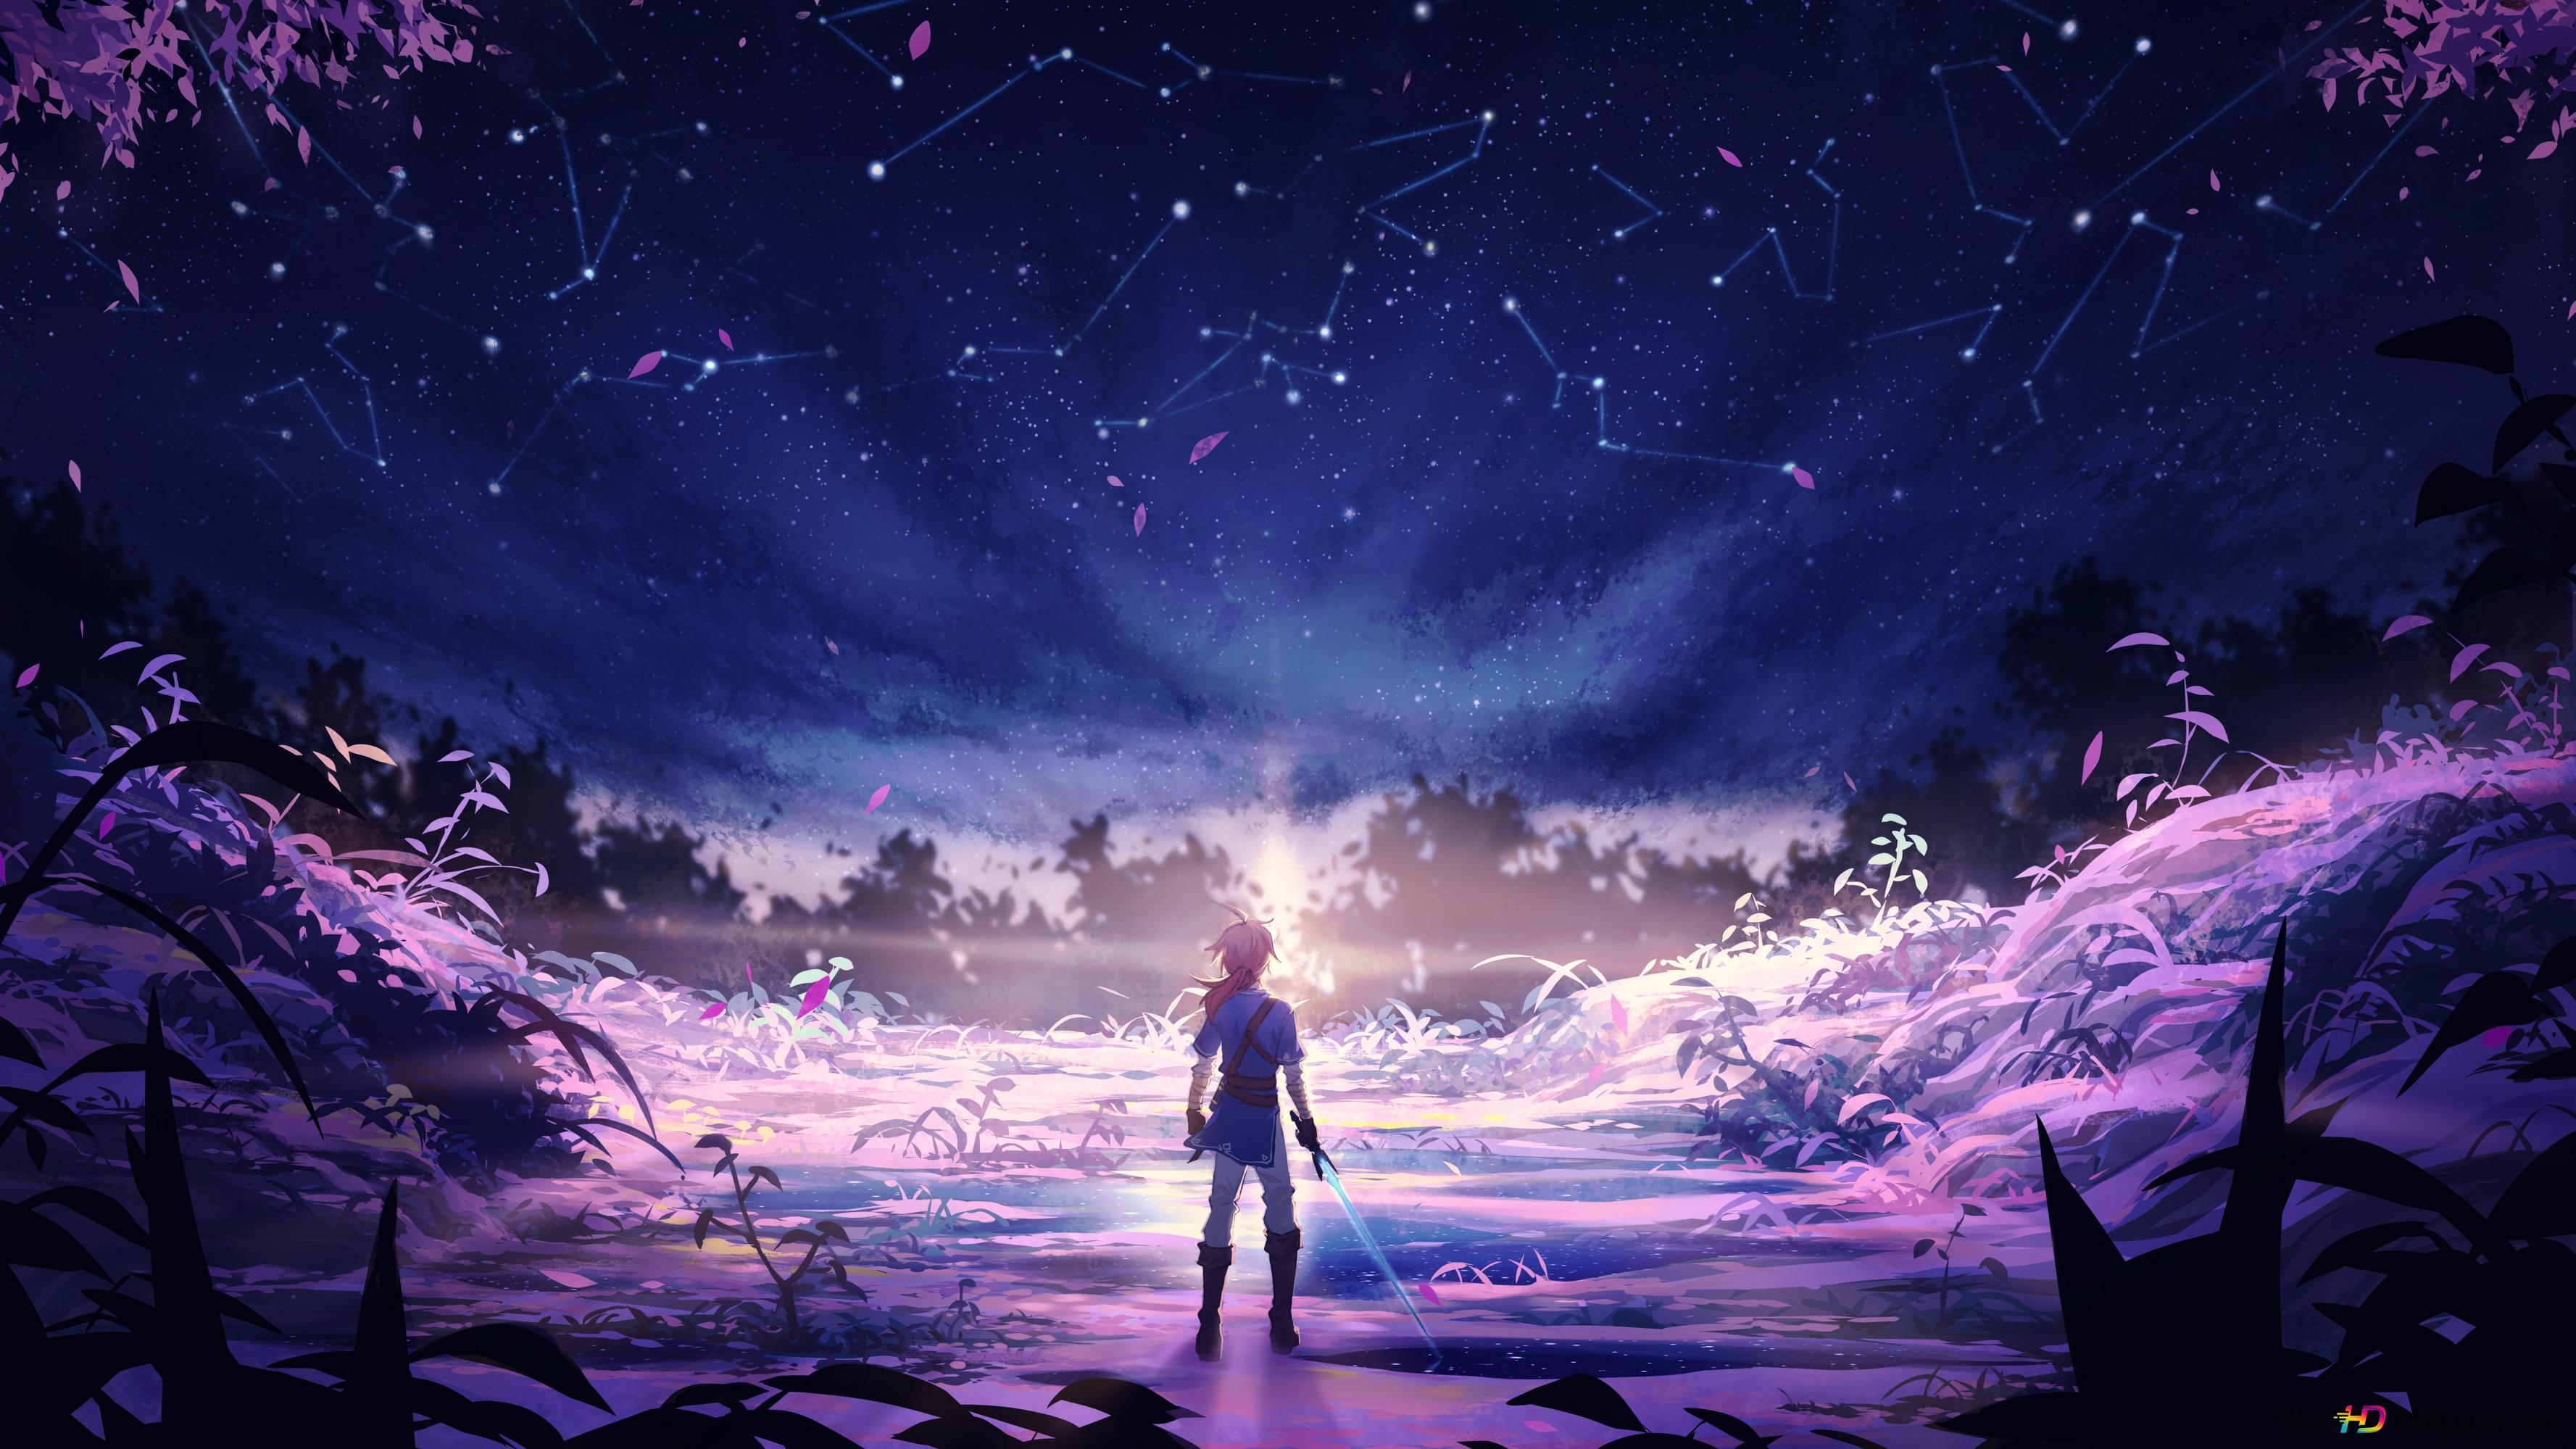 The Legend Of Zelda Breath Of The Wild Hd Wallpaper Download